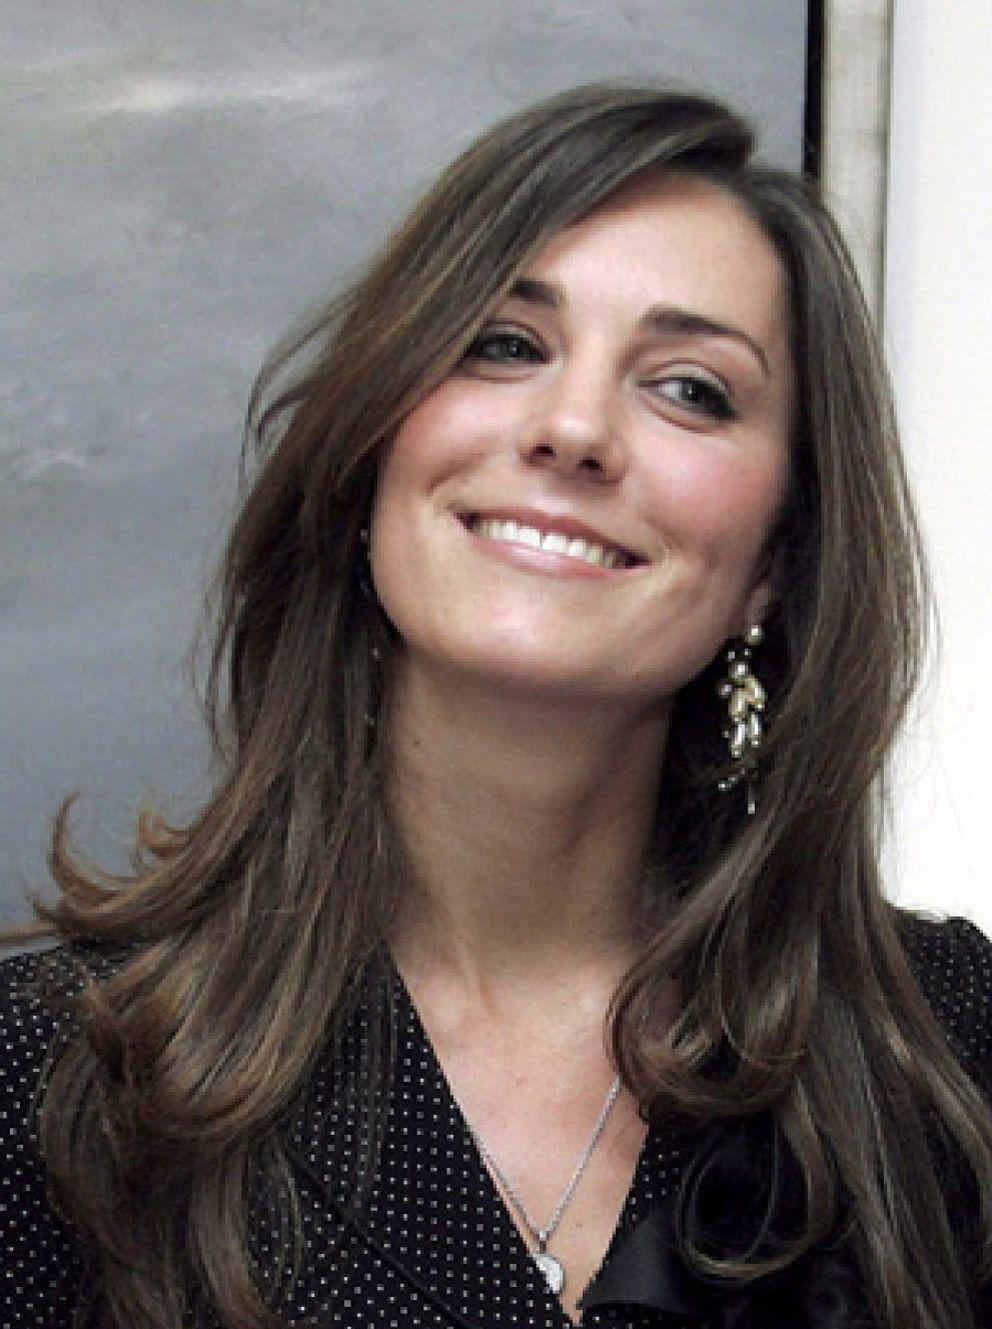 Foto: El príncipe Guillermo y Kate Middleton esquían juntos en Suiza